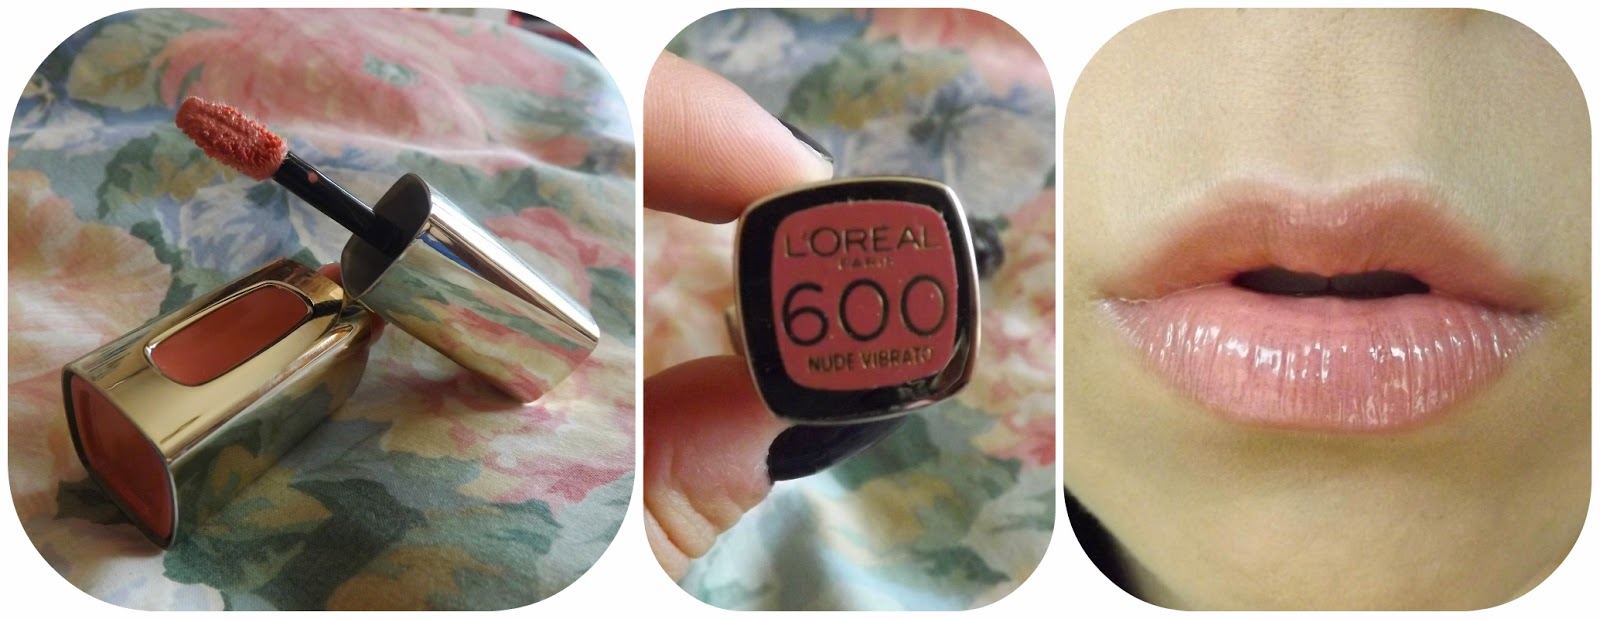 LOreal Paris - Color Riche lExtraordinaire: Swatch e